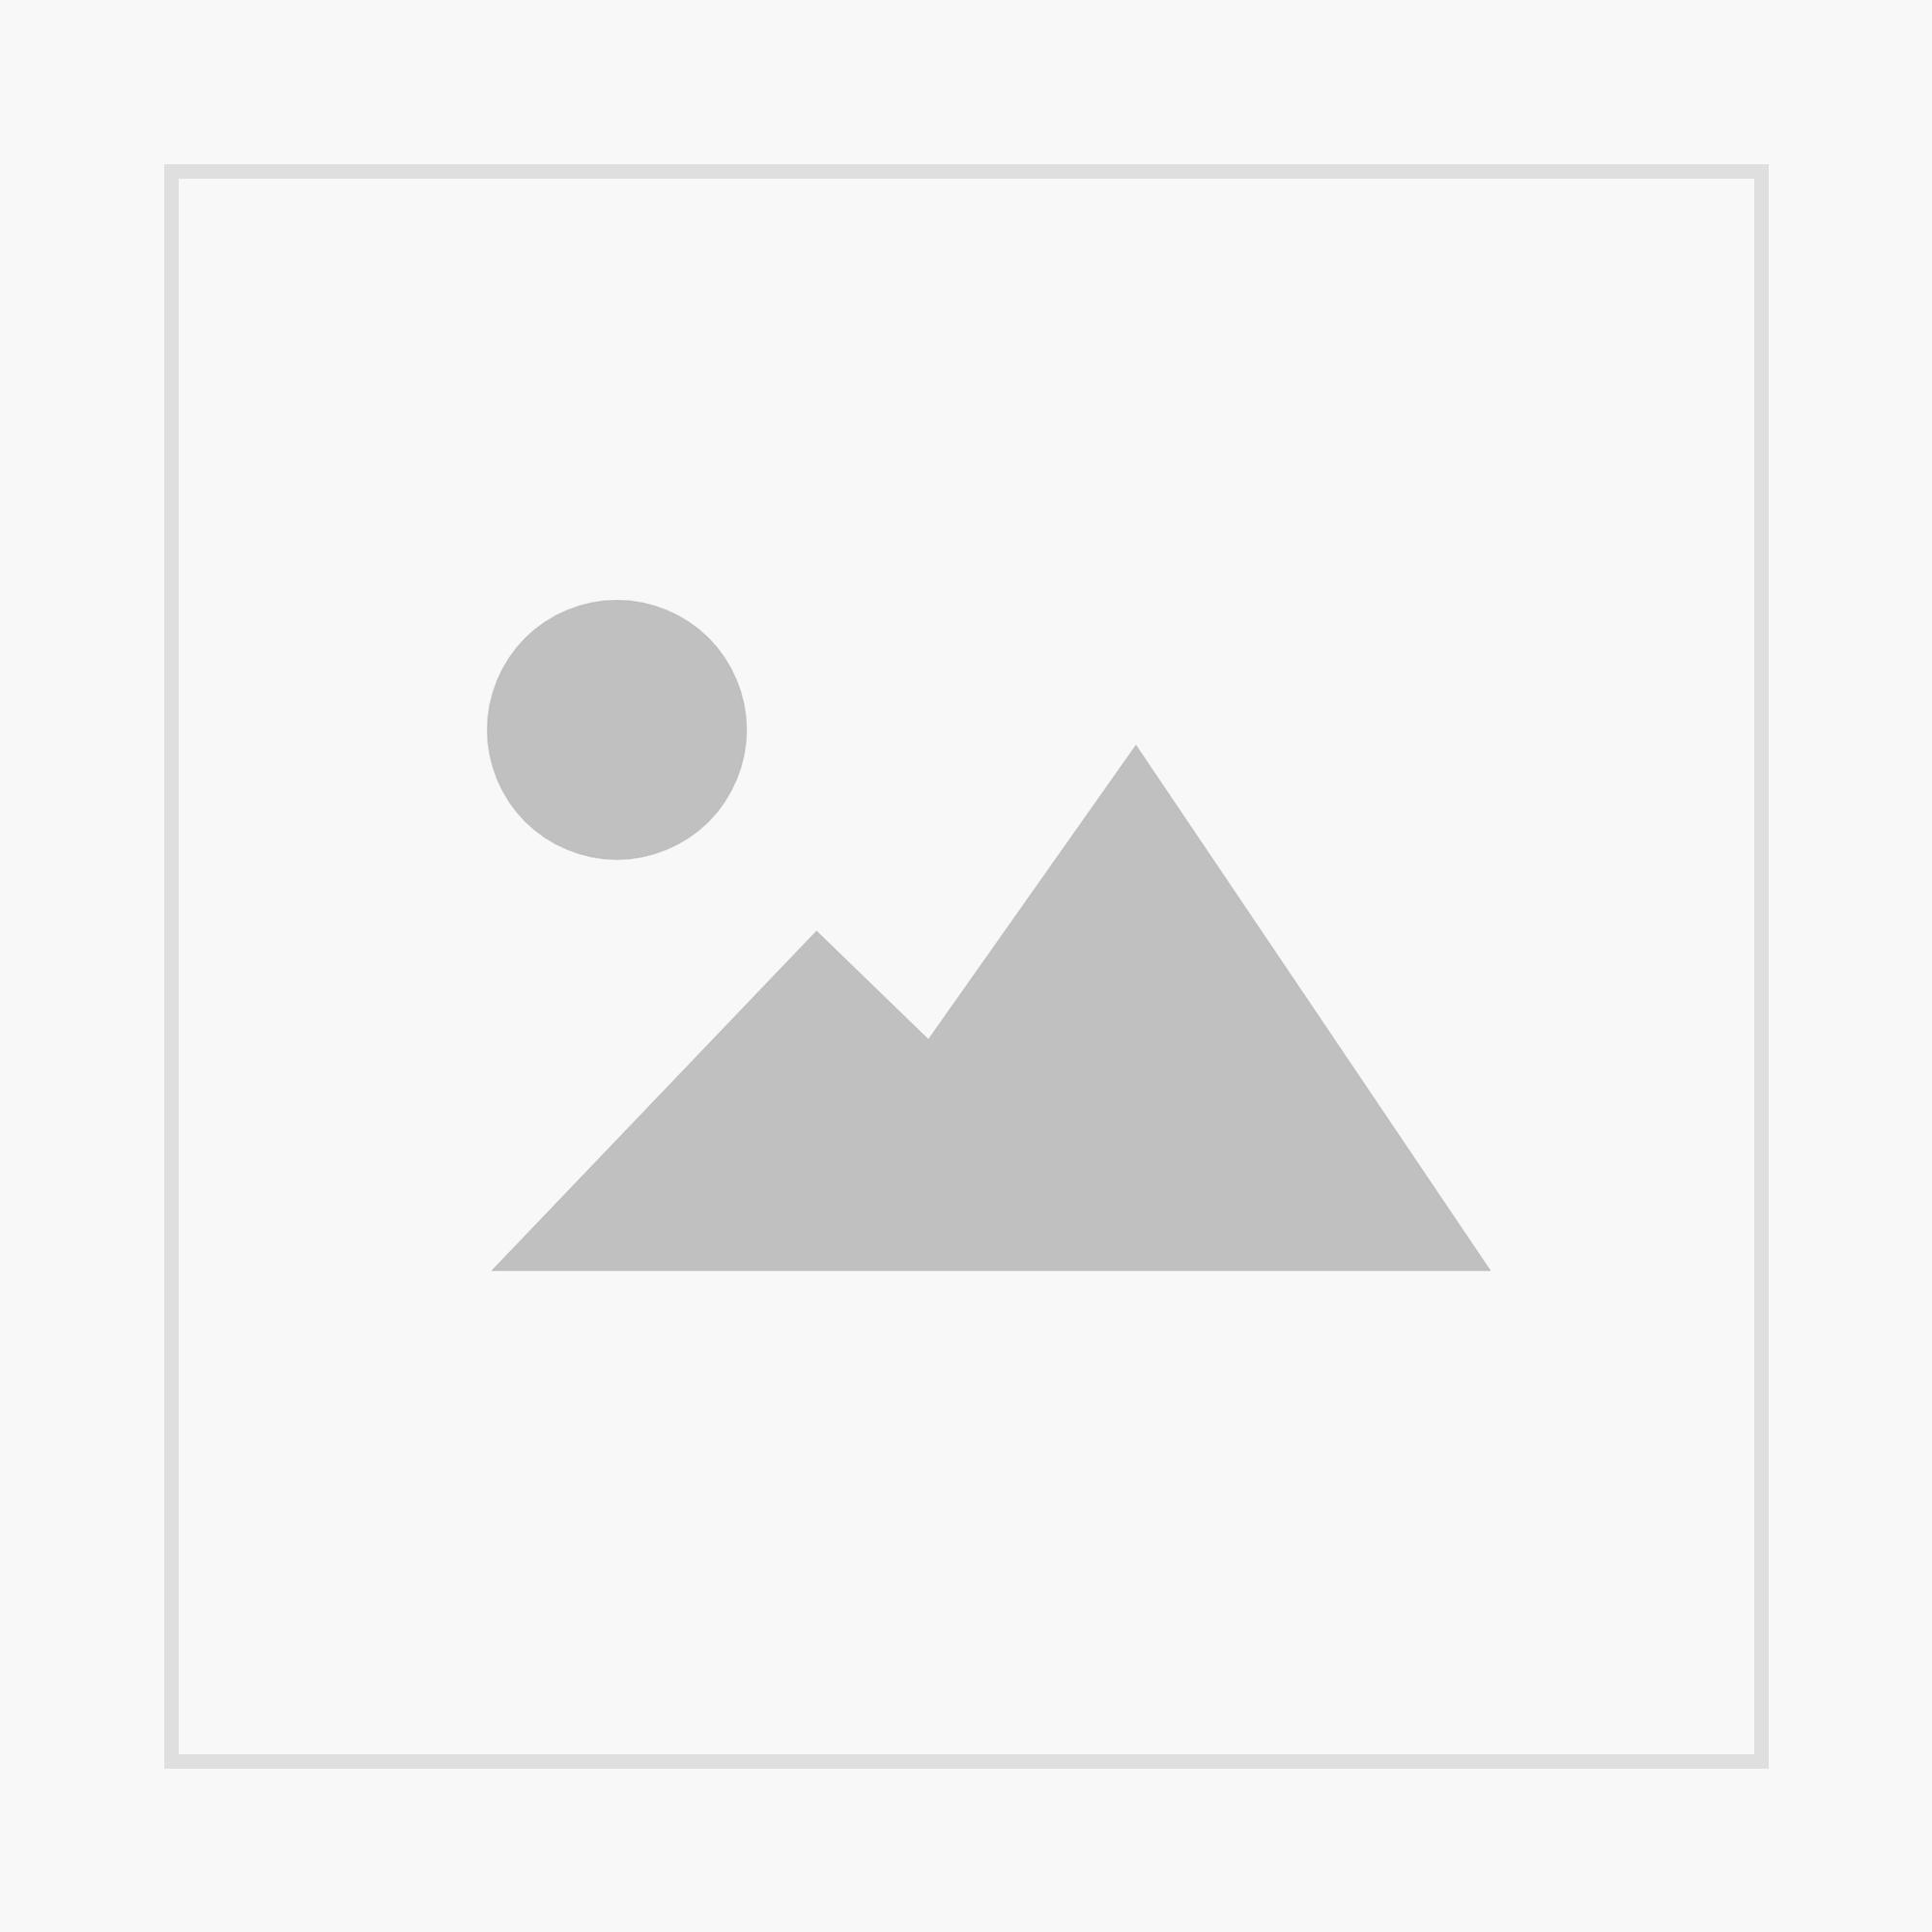 ALÖ Heft 60: Praxisansätze und Naturschutzpotentiale auf Höfen des ökologischen Landbaus zur Entwicklung von Kulturlandschaft